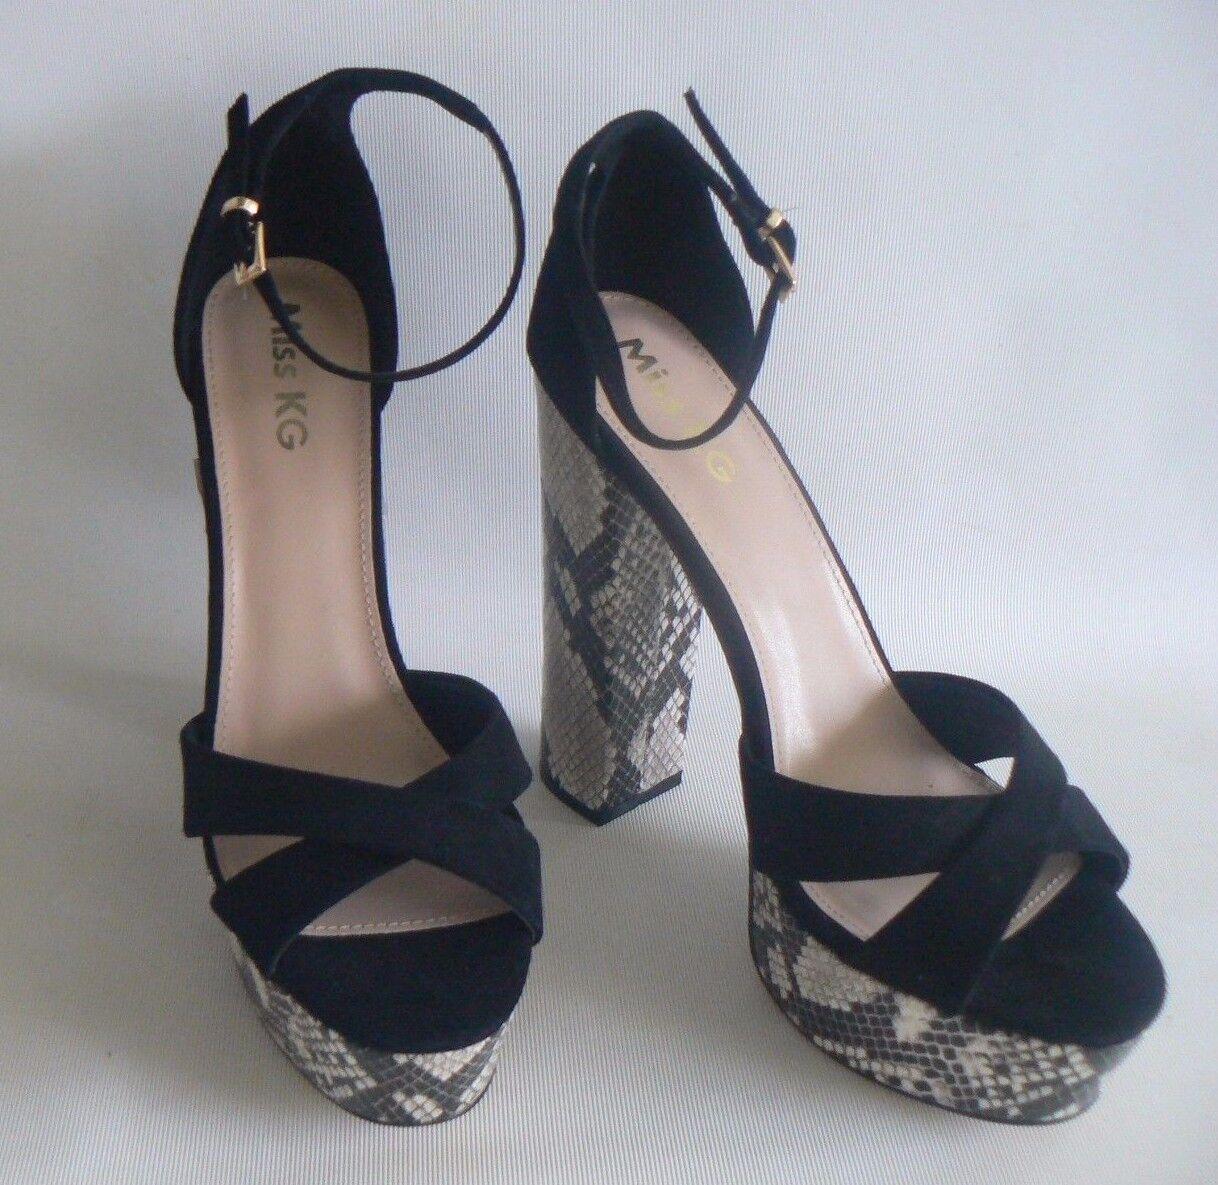 MISS KG Fizz Snake Platform Sandals UK Size 7 - 8 NEW